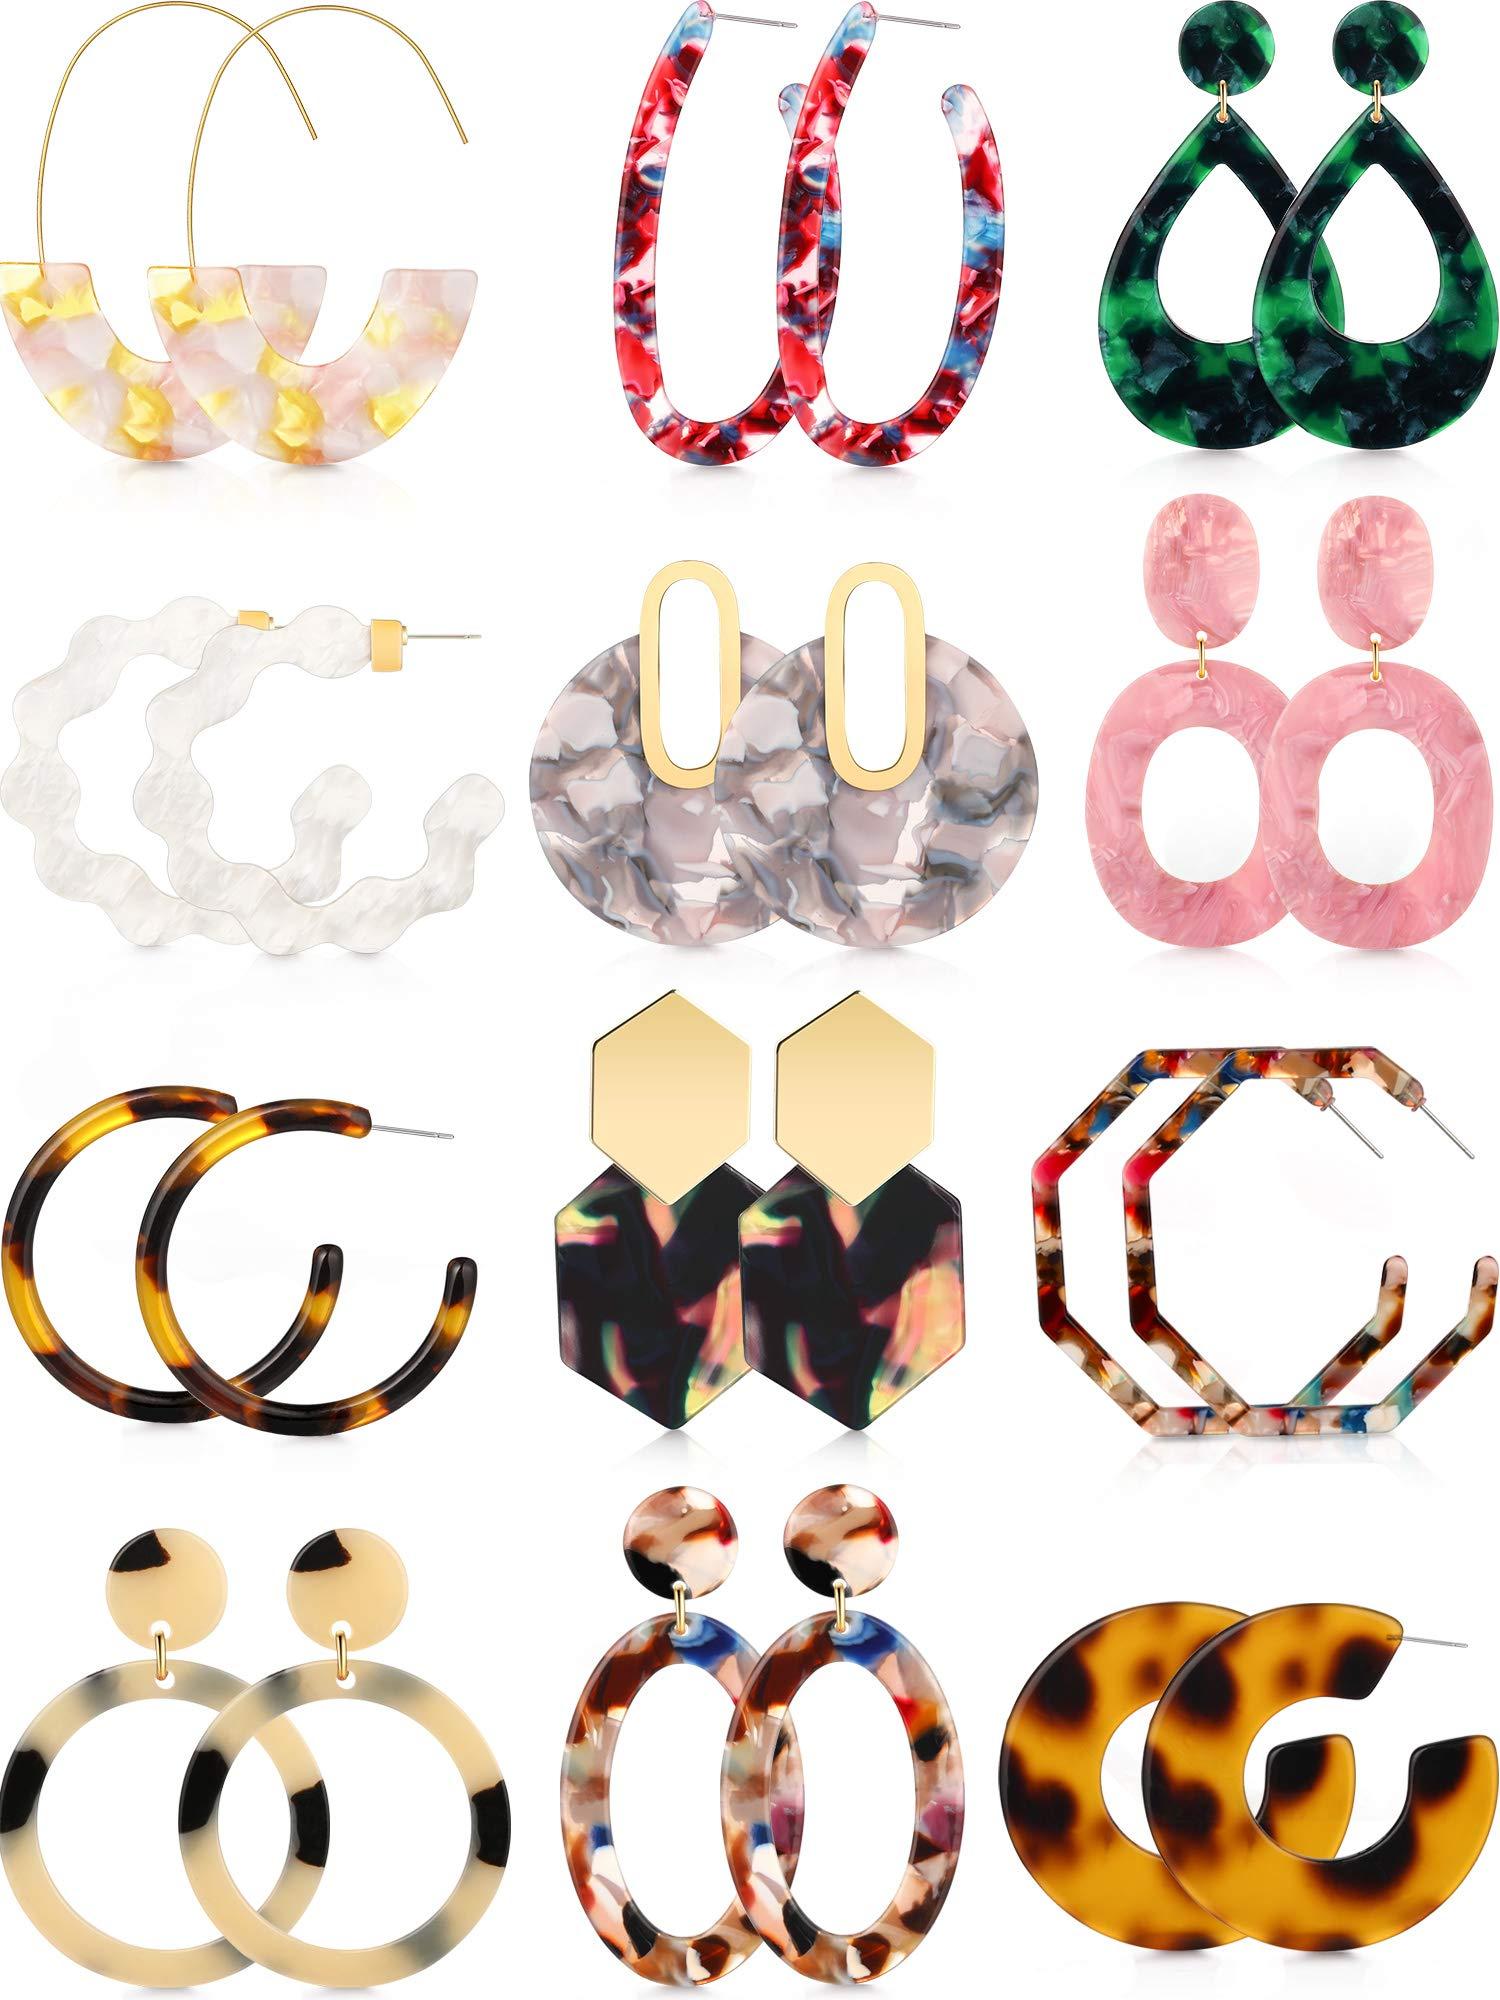 Totally 12 Pairs Acrylic Earrings Bohemian Statement Earrings Mottled Resin Geometric Drop Dangle Ear Jewelry for Women Girls by Hicarer